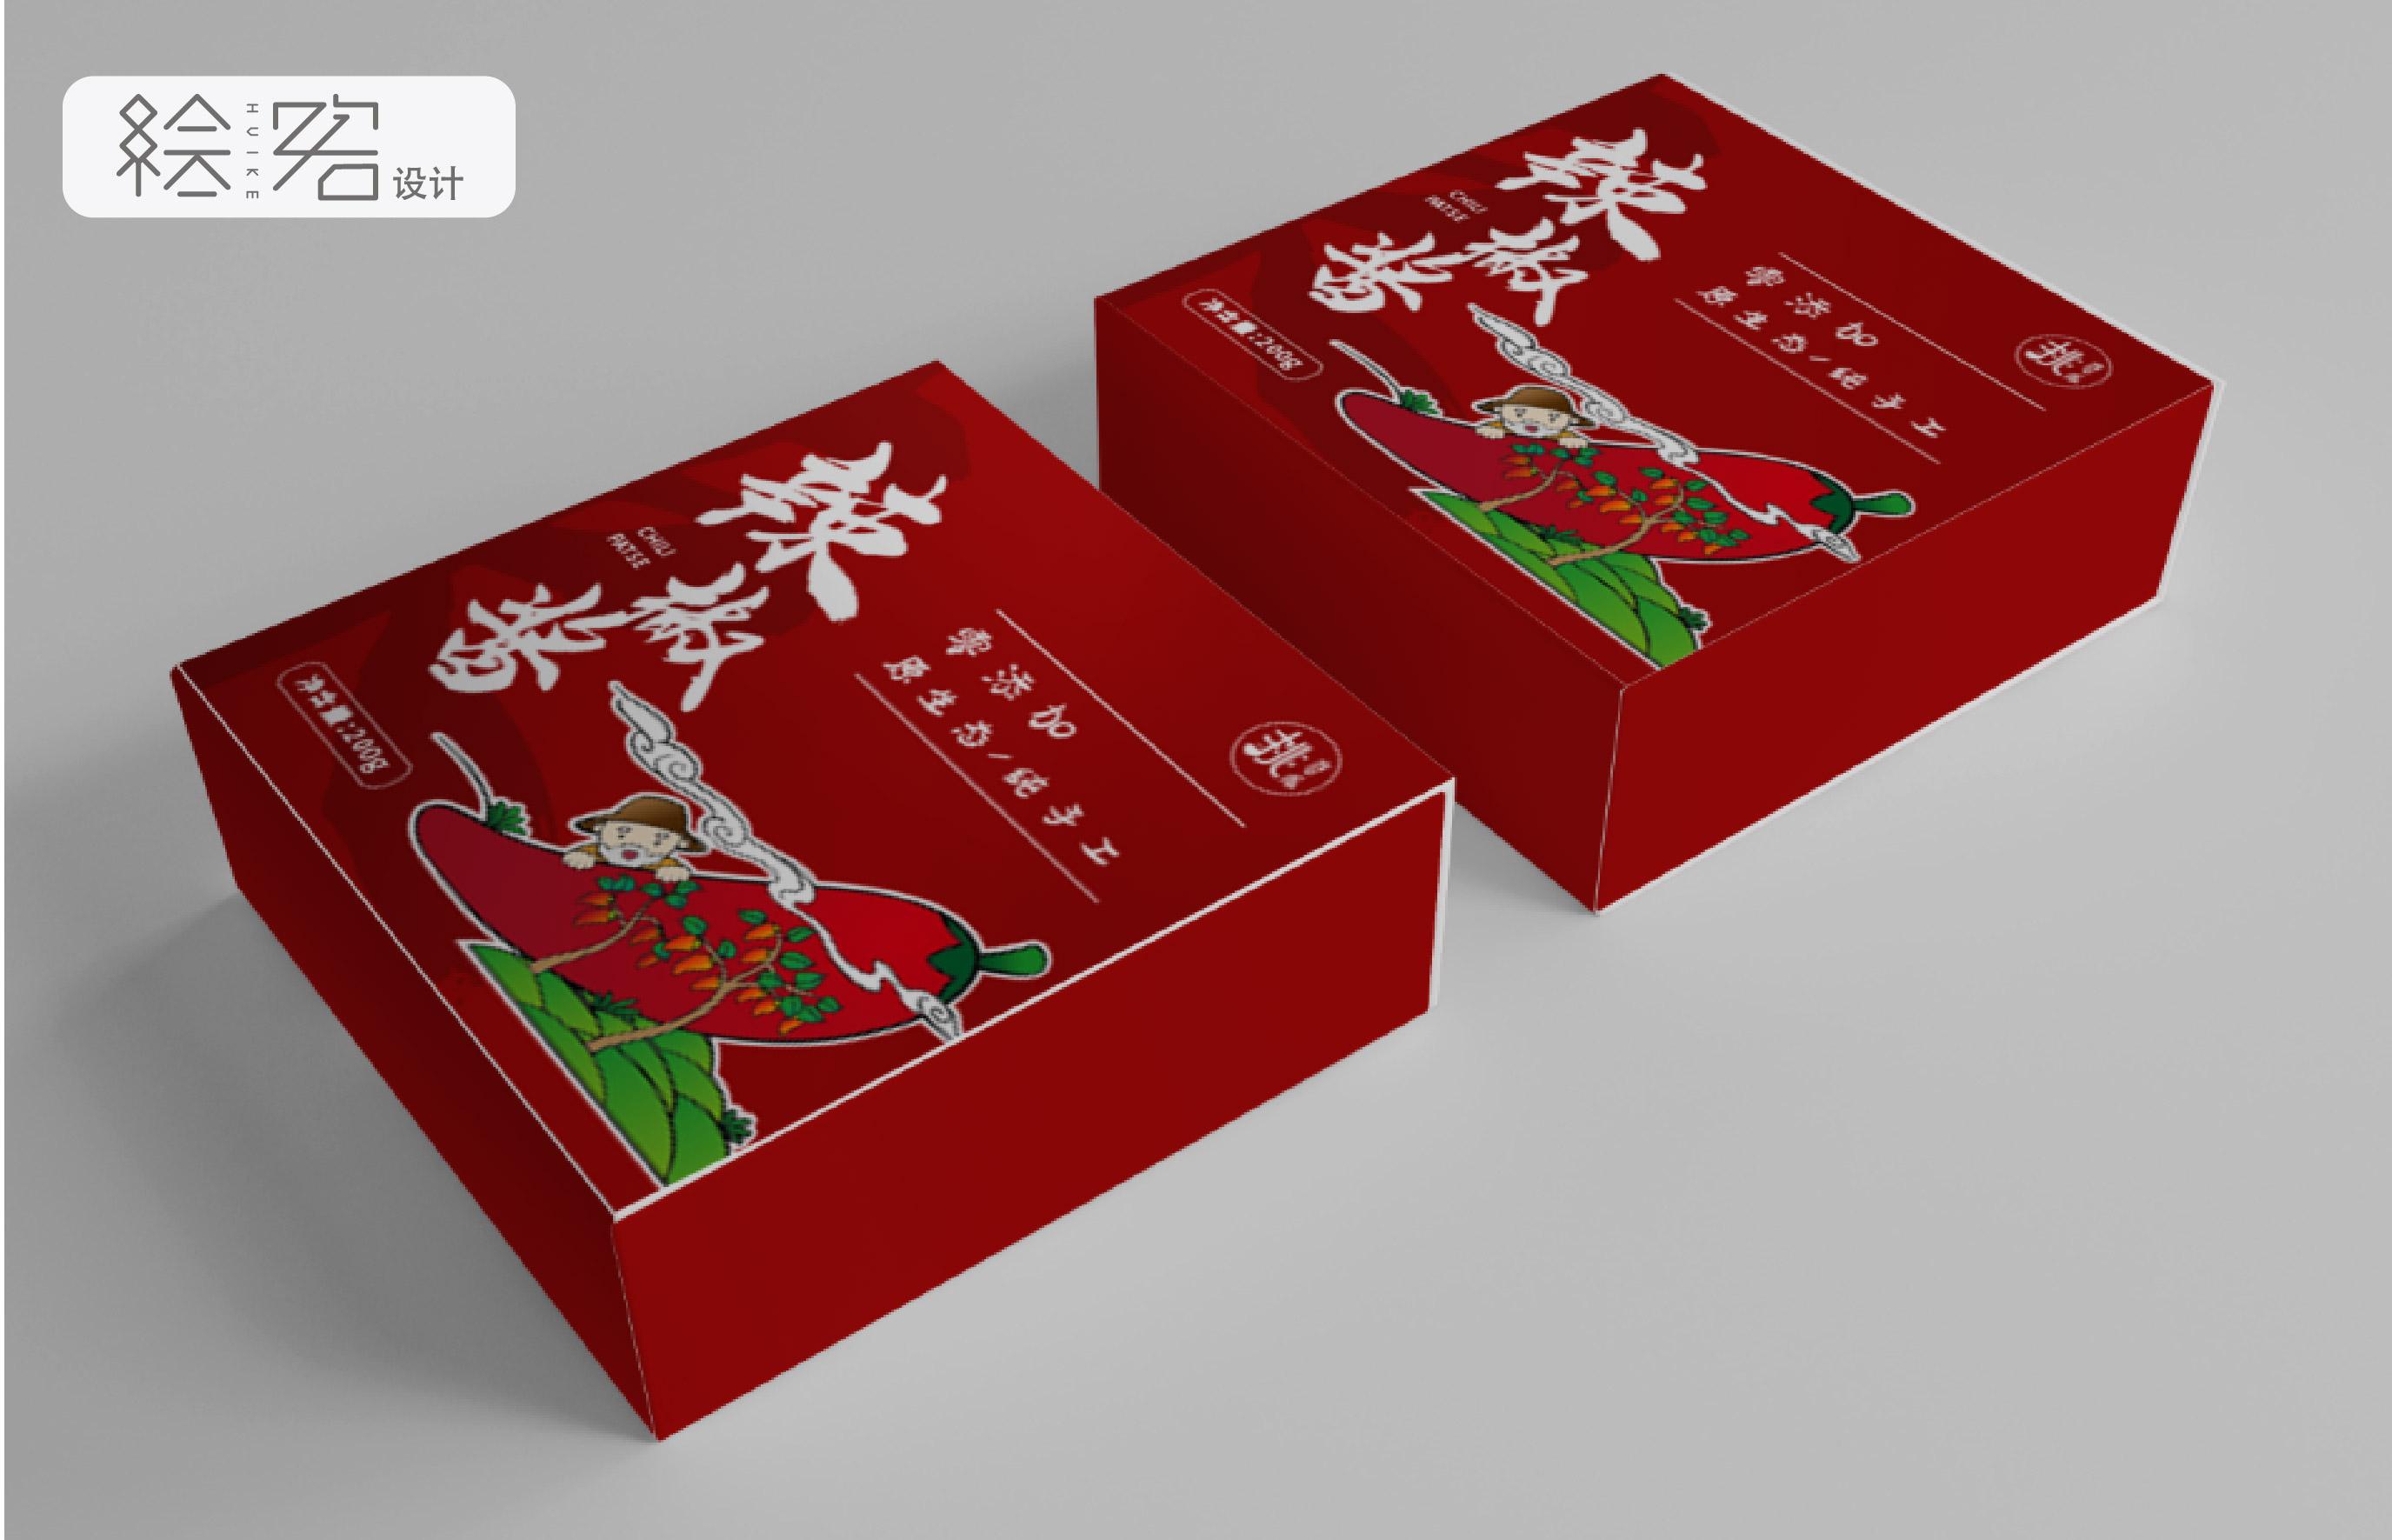 原创产品碗装桶装瓶型支管卡通简约科技古典时尚包装容器造型设计